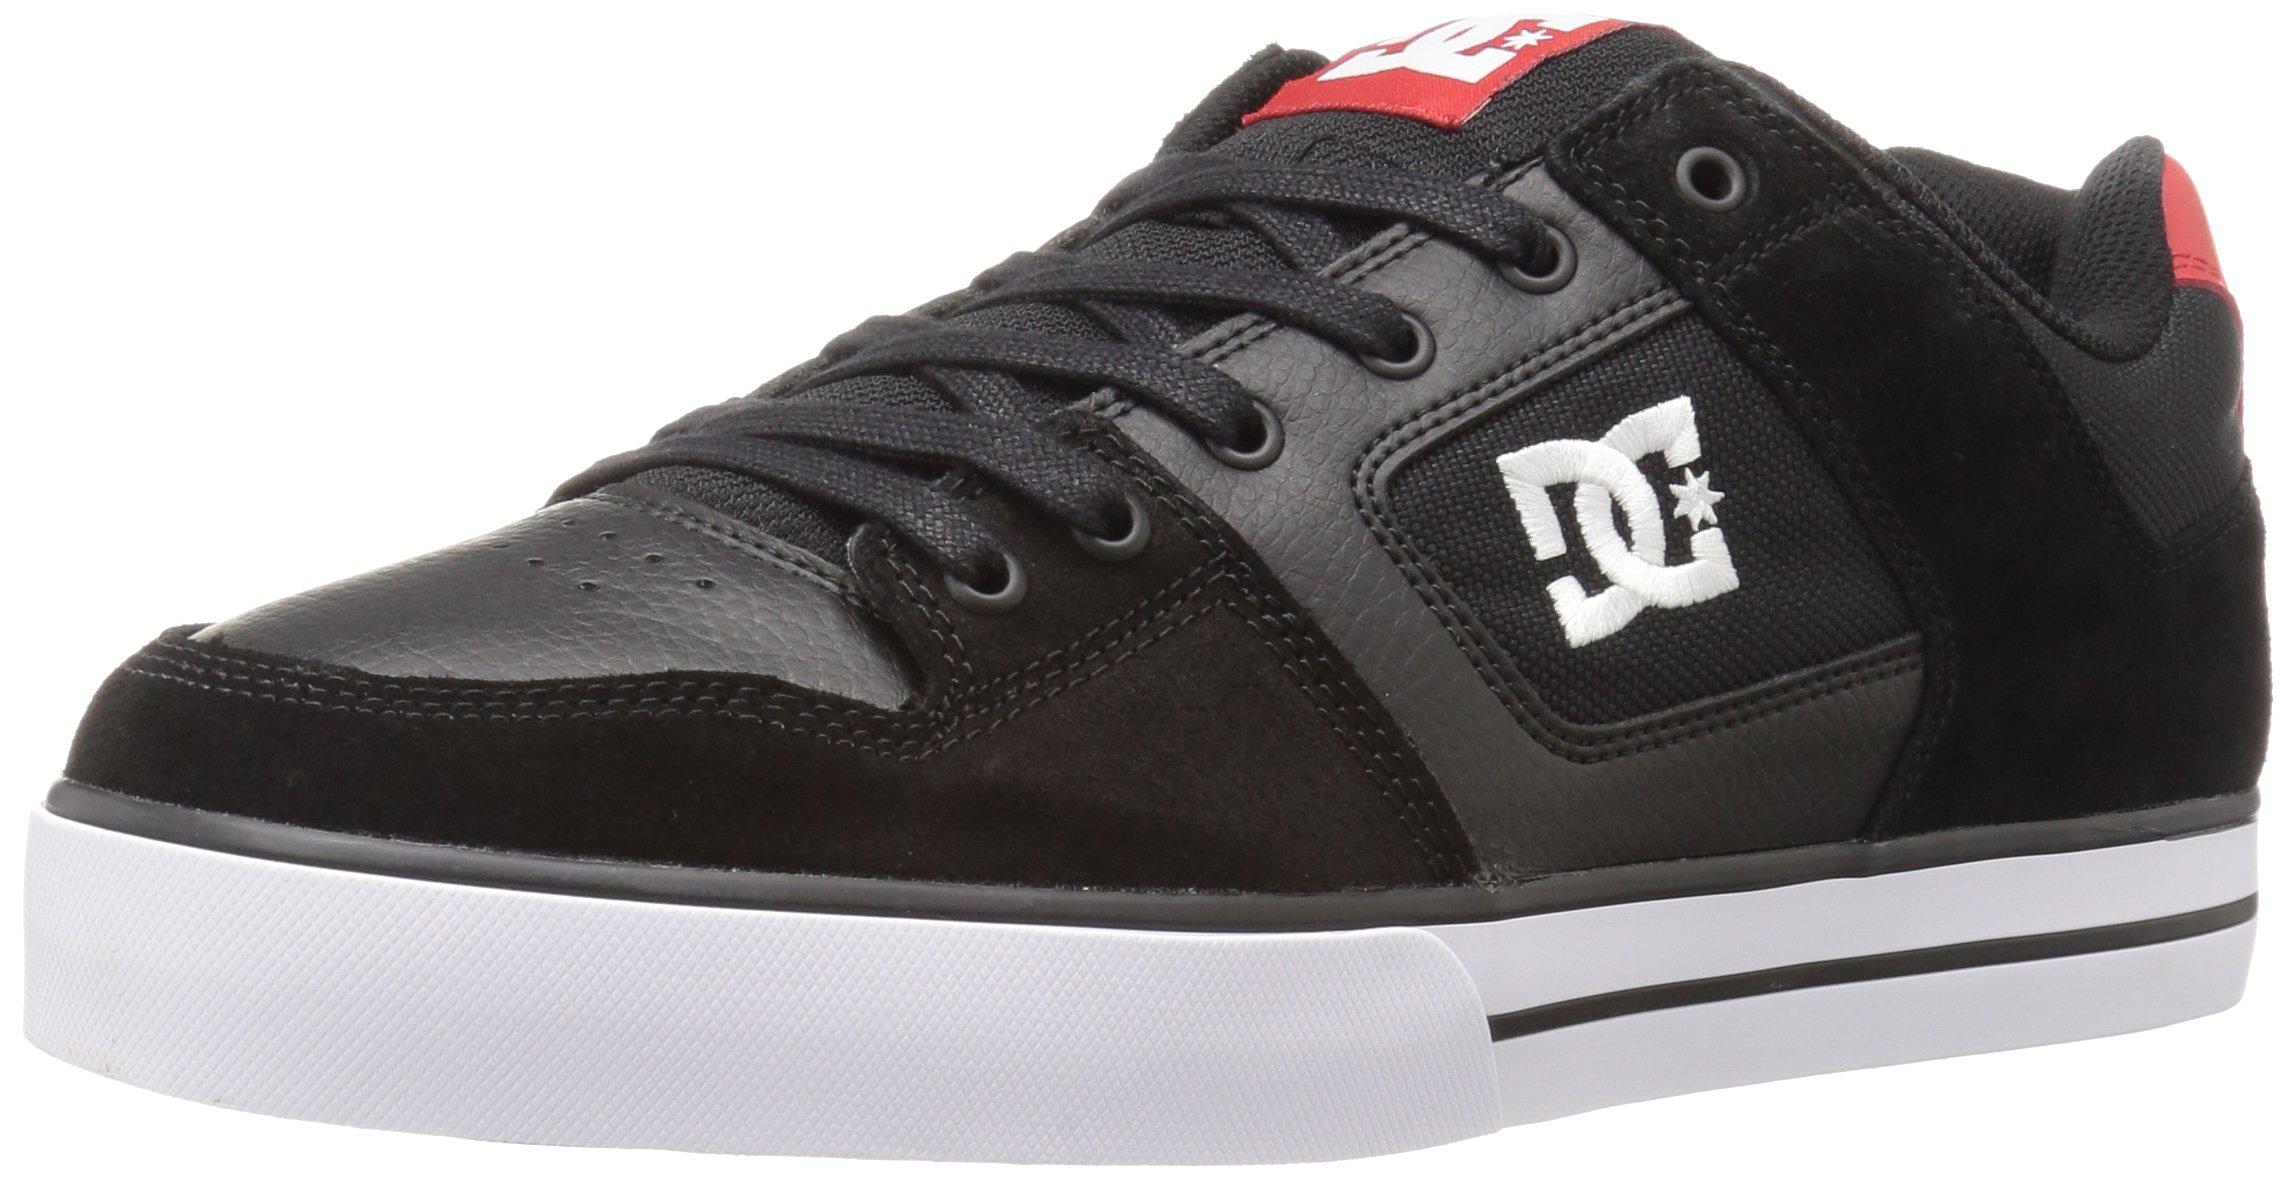 DC Shoes Mens Shoes Pure - Shoes - Men - 9.5 - Black Black/Athletic Red 9.5 by DC (Image #1)